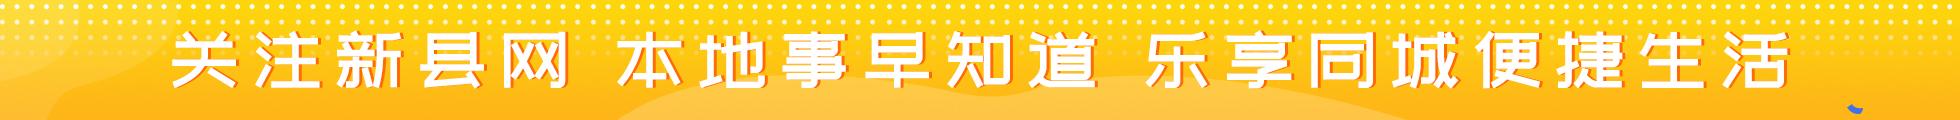 新县网微信宣传【休闲兴趣】